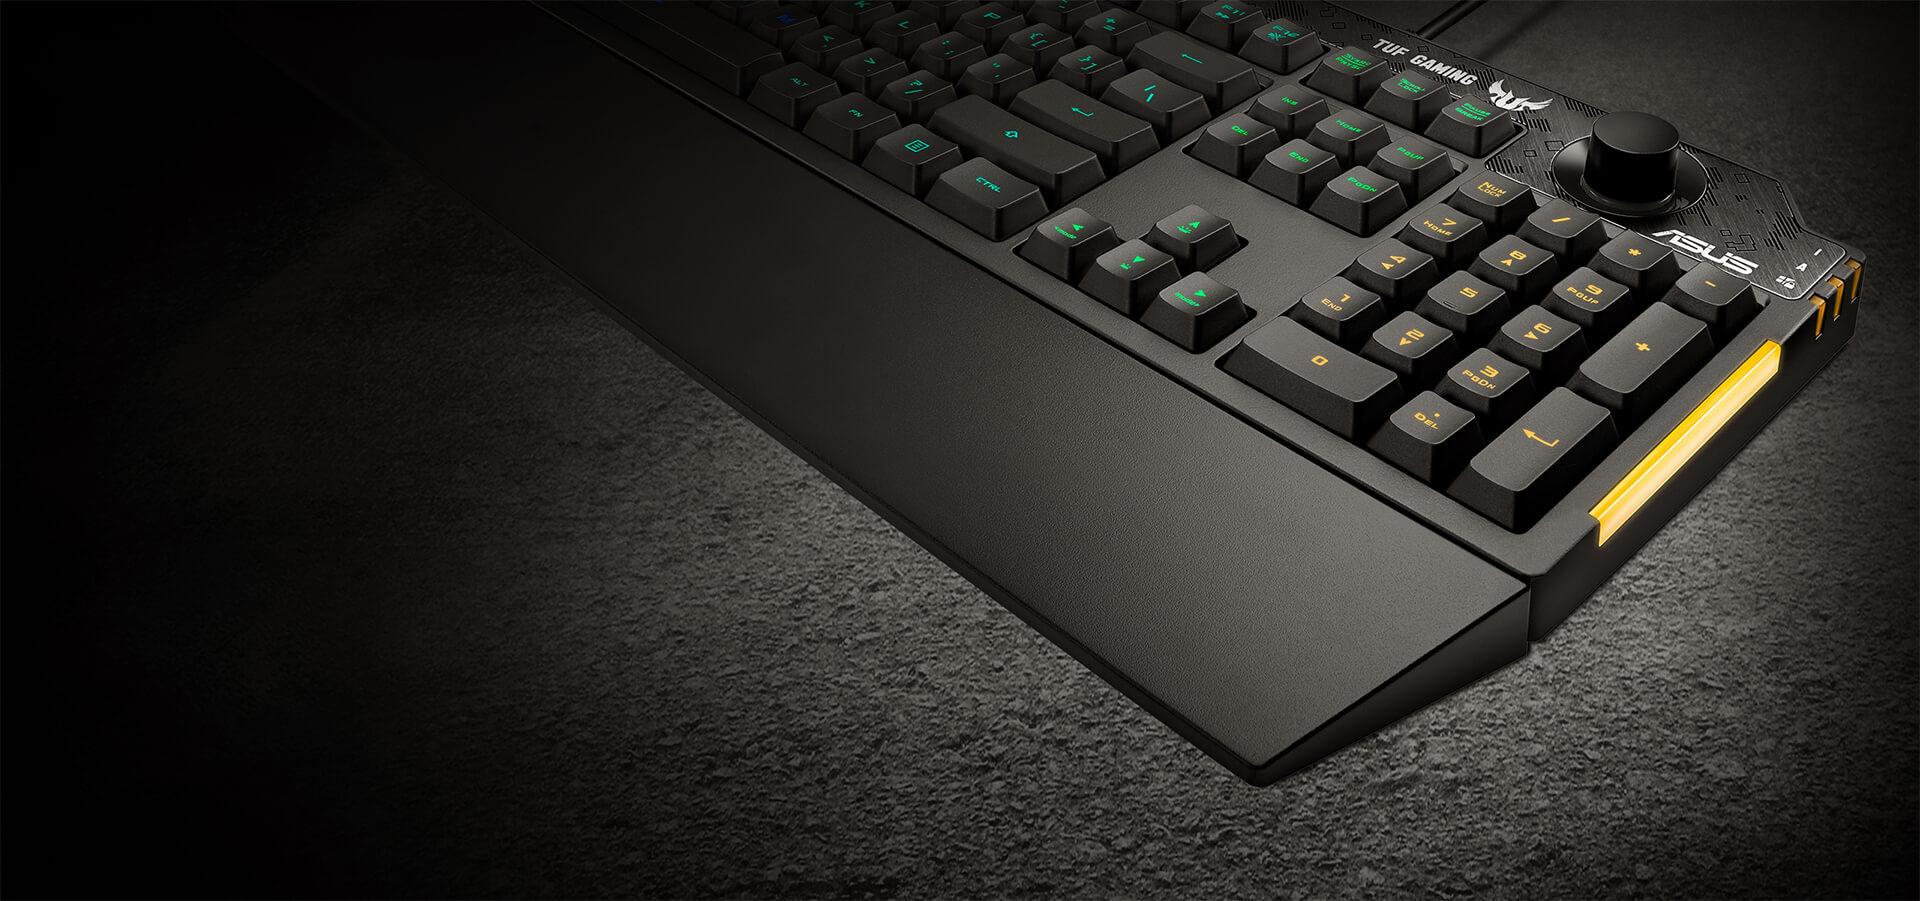 Công nghệ NKRO của Bàn phím Gaming Asus TUF K1 RGB